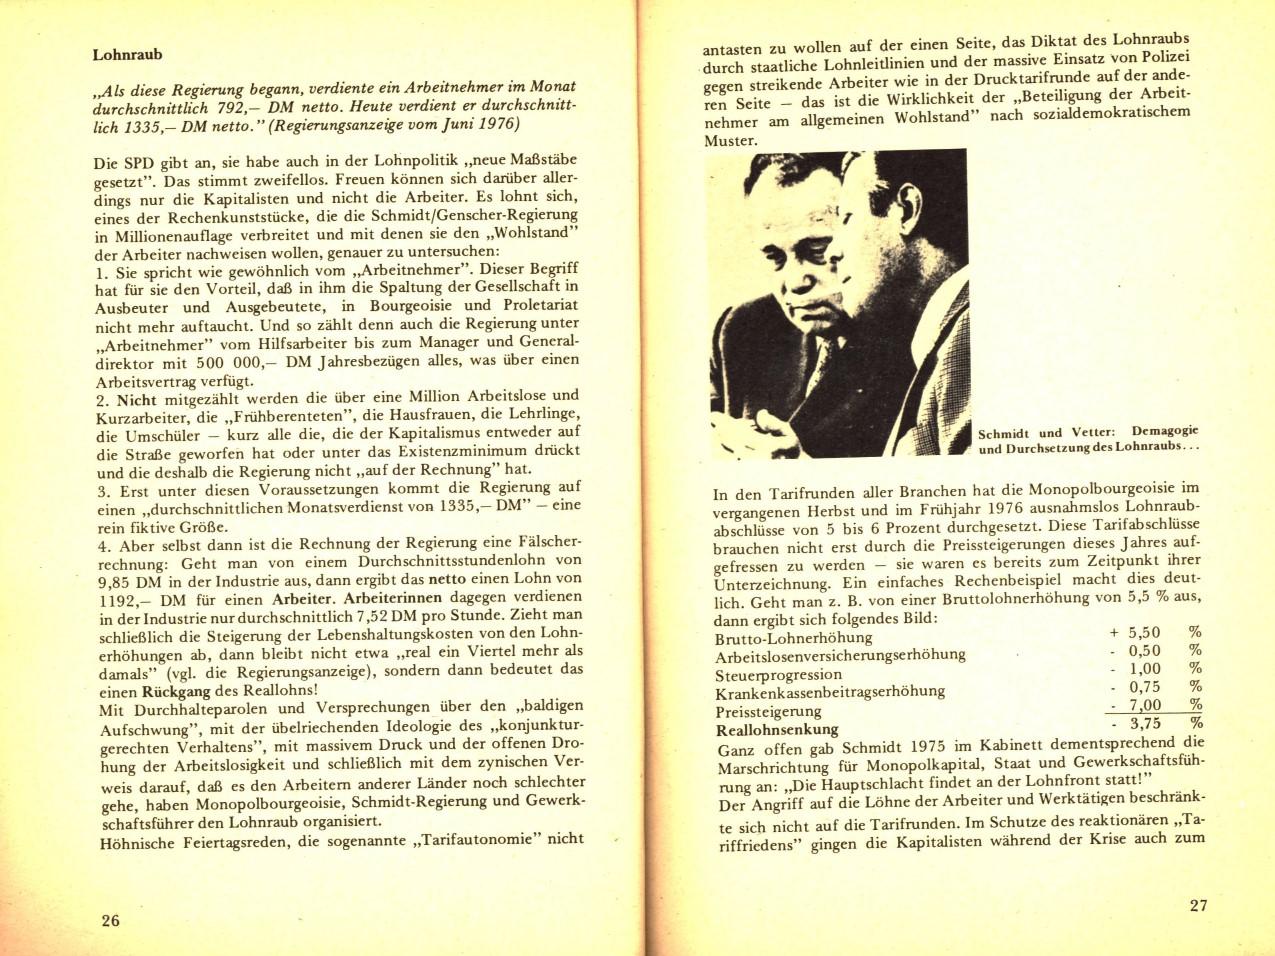 KPDAO_1976_Agitationsbroschuere_zur_BTW_15